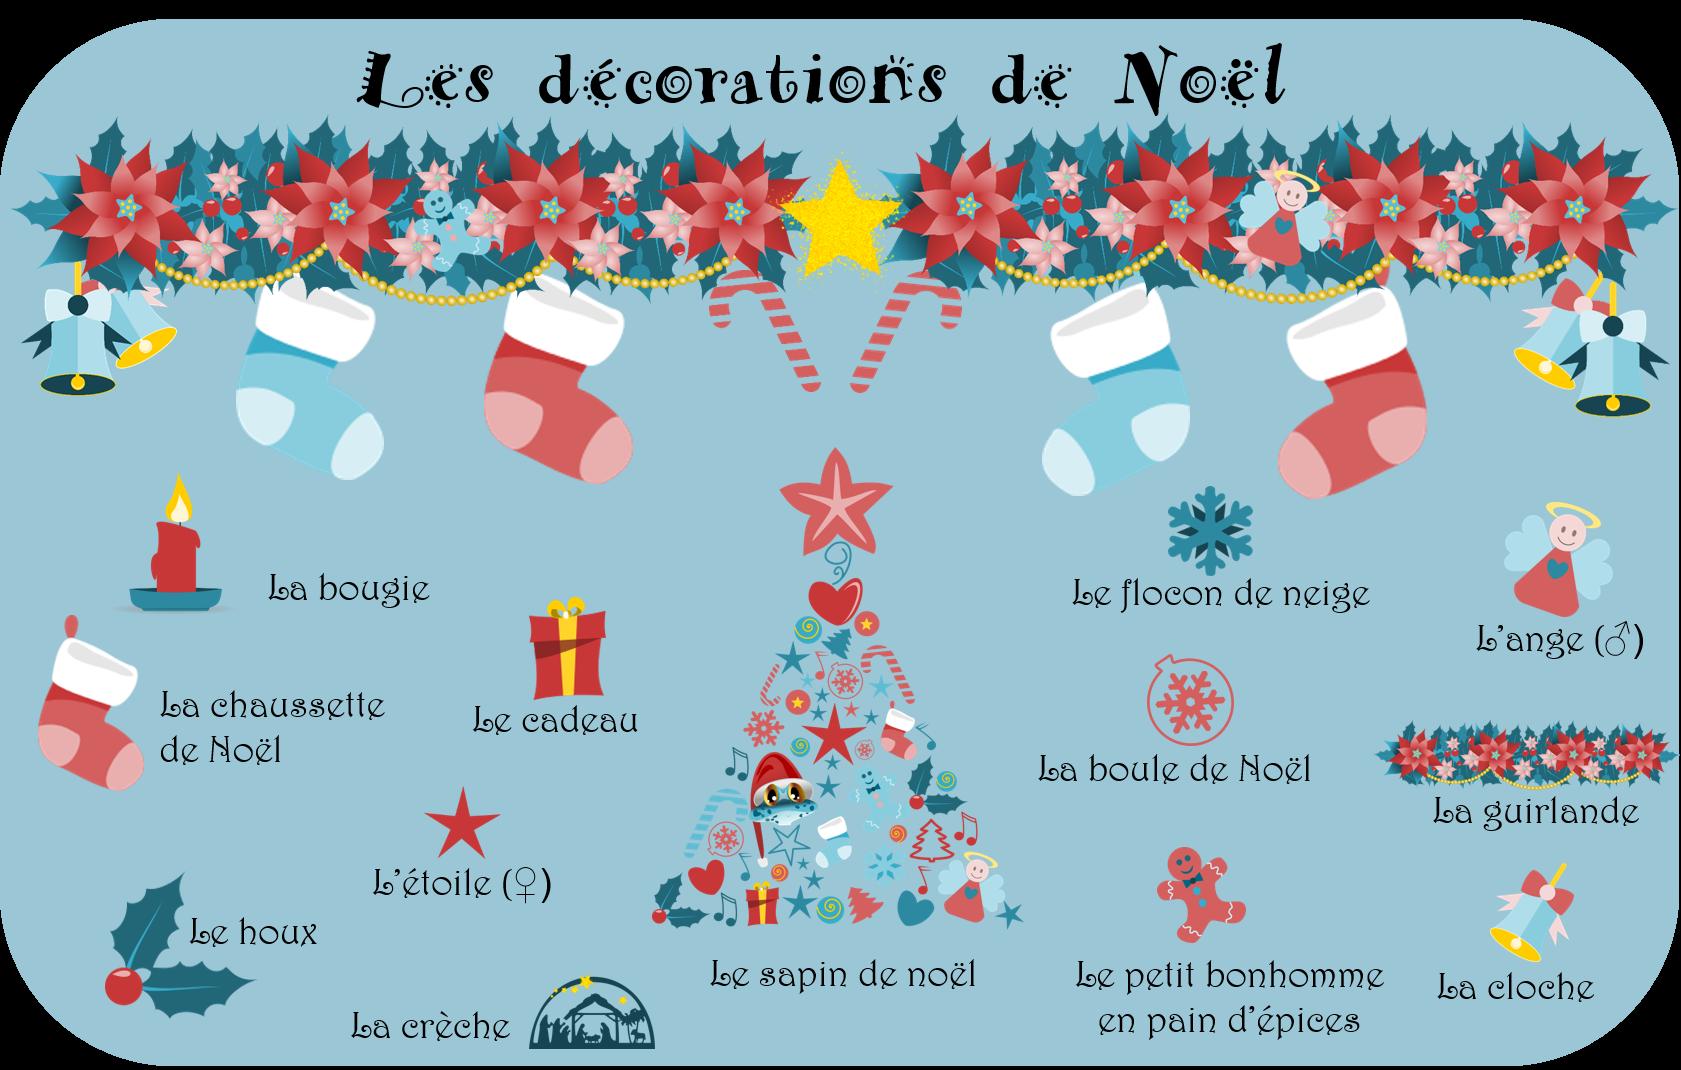 #BEA10D Les Mots Pour Parler De Noël En Français 5785 les decorations de noel 1681x1070 px @ aertt.com